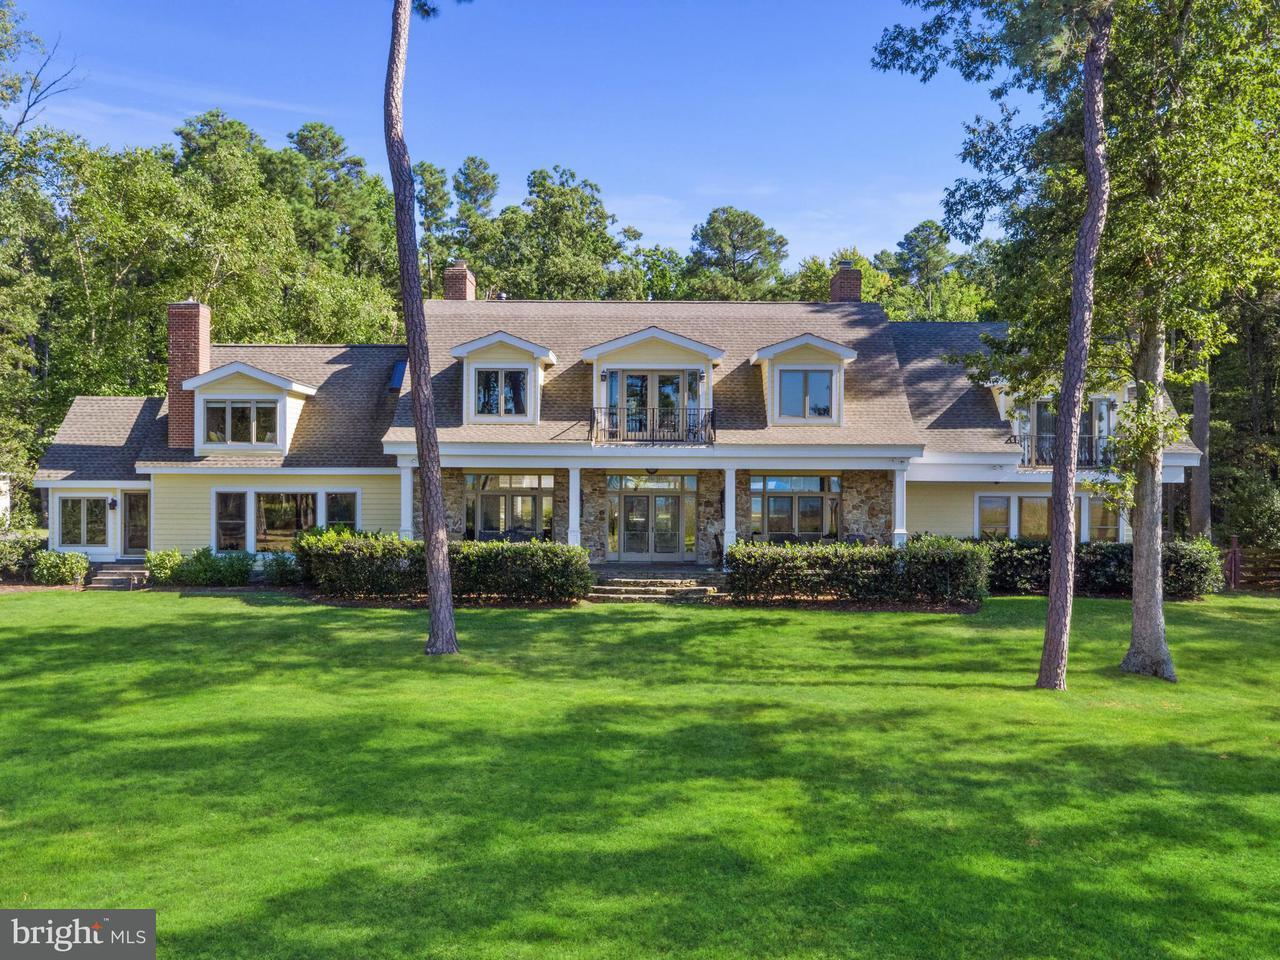 Villa per Vendita alle ore 7350 Cabin Cove Rd S 7350 Cabin Cove Rd S Sherwood, Maryland 21665 Stati Uniti